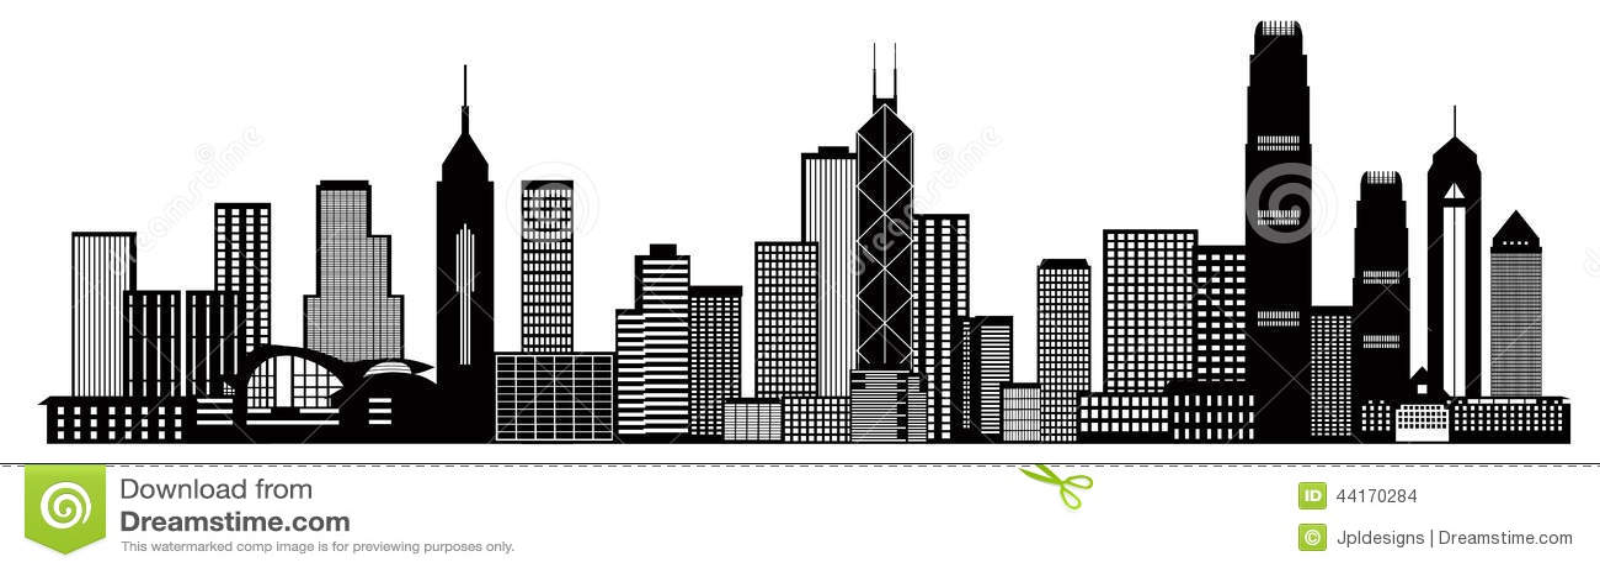 City Skyline Clipart